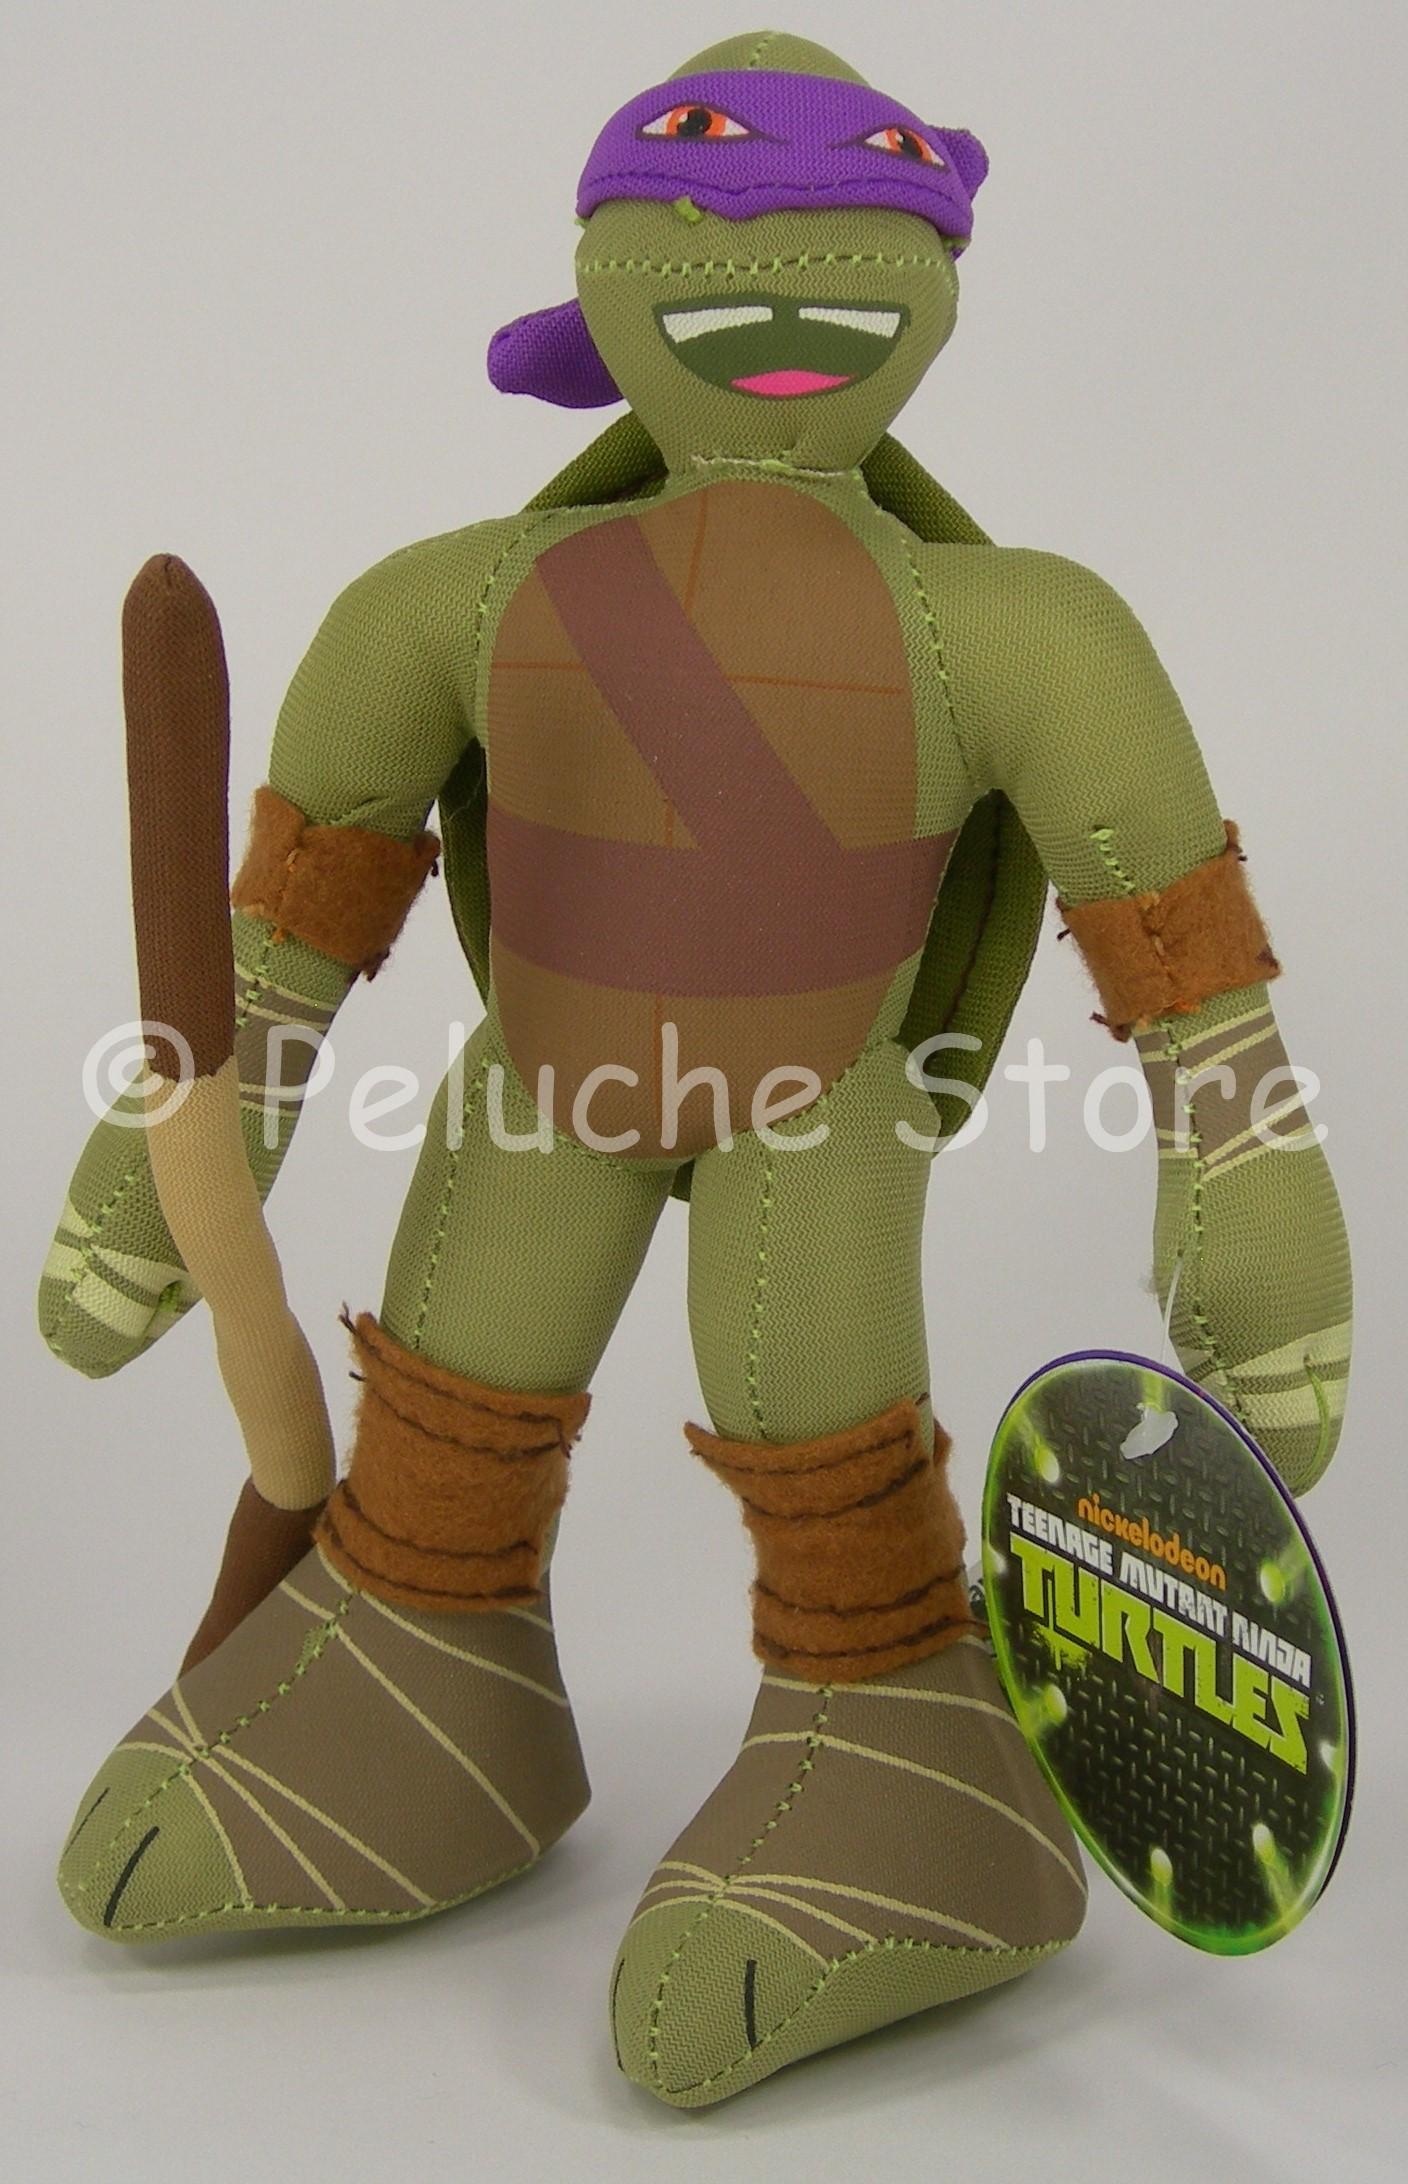 Tartarughe Ninja Turtles peluche 25 cm Michelangelo Raffaello Donatello Leonardo